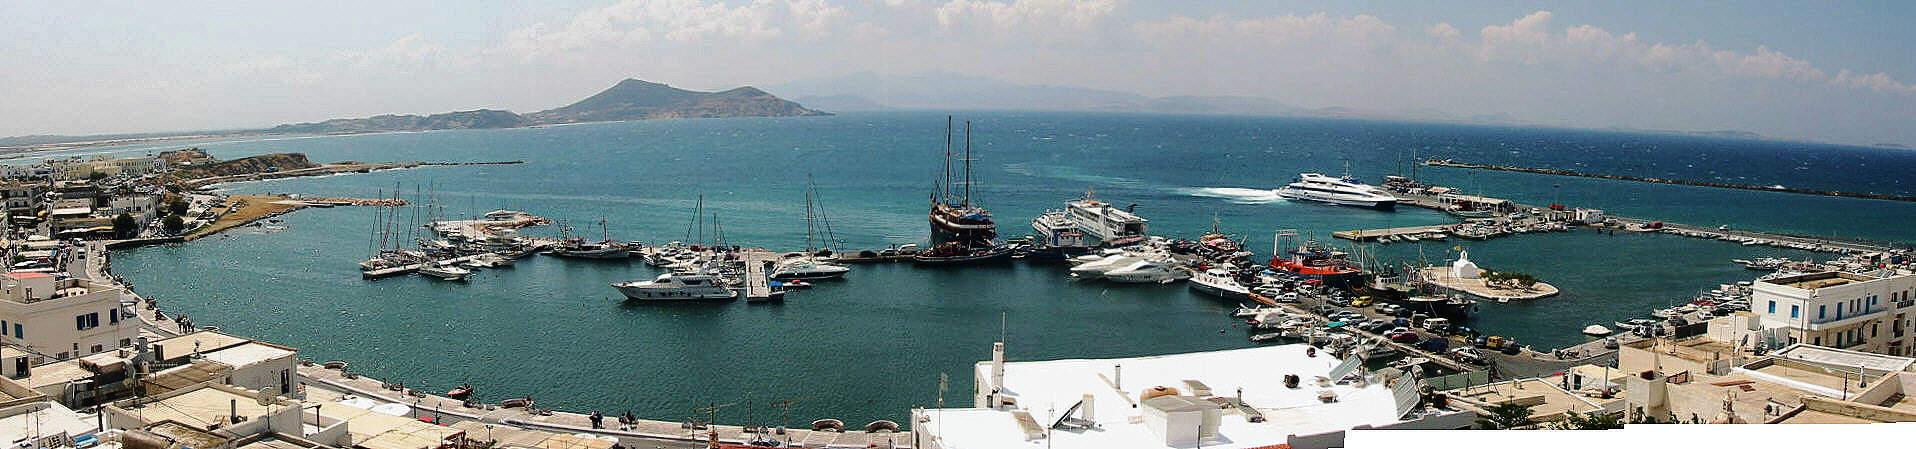 http://www.charterpartner.com/pics/Griechenland/Naxos/hafennaxos.jpg